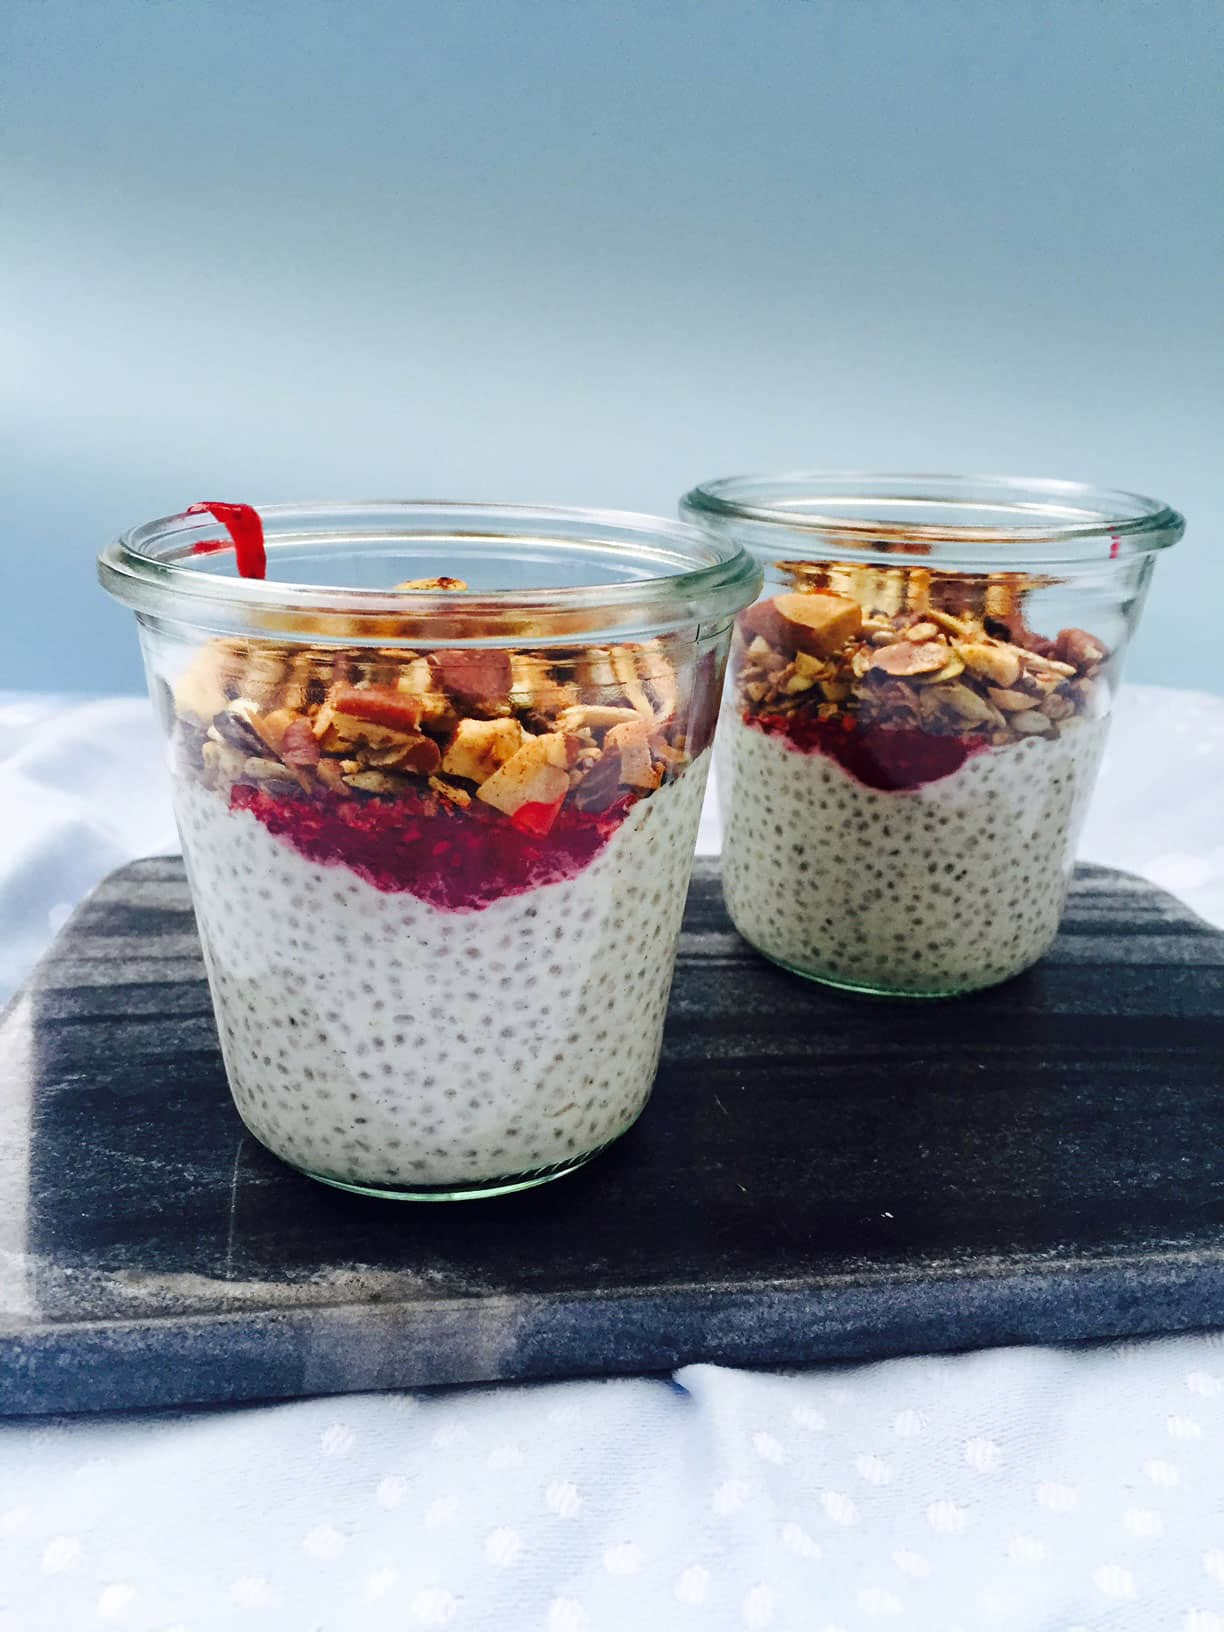 Nem og hurtig low carb morgenmad. Prøv den populære chiagrød. Opskrift her: Madbanditten.dk